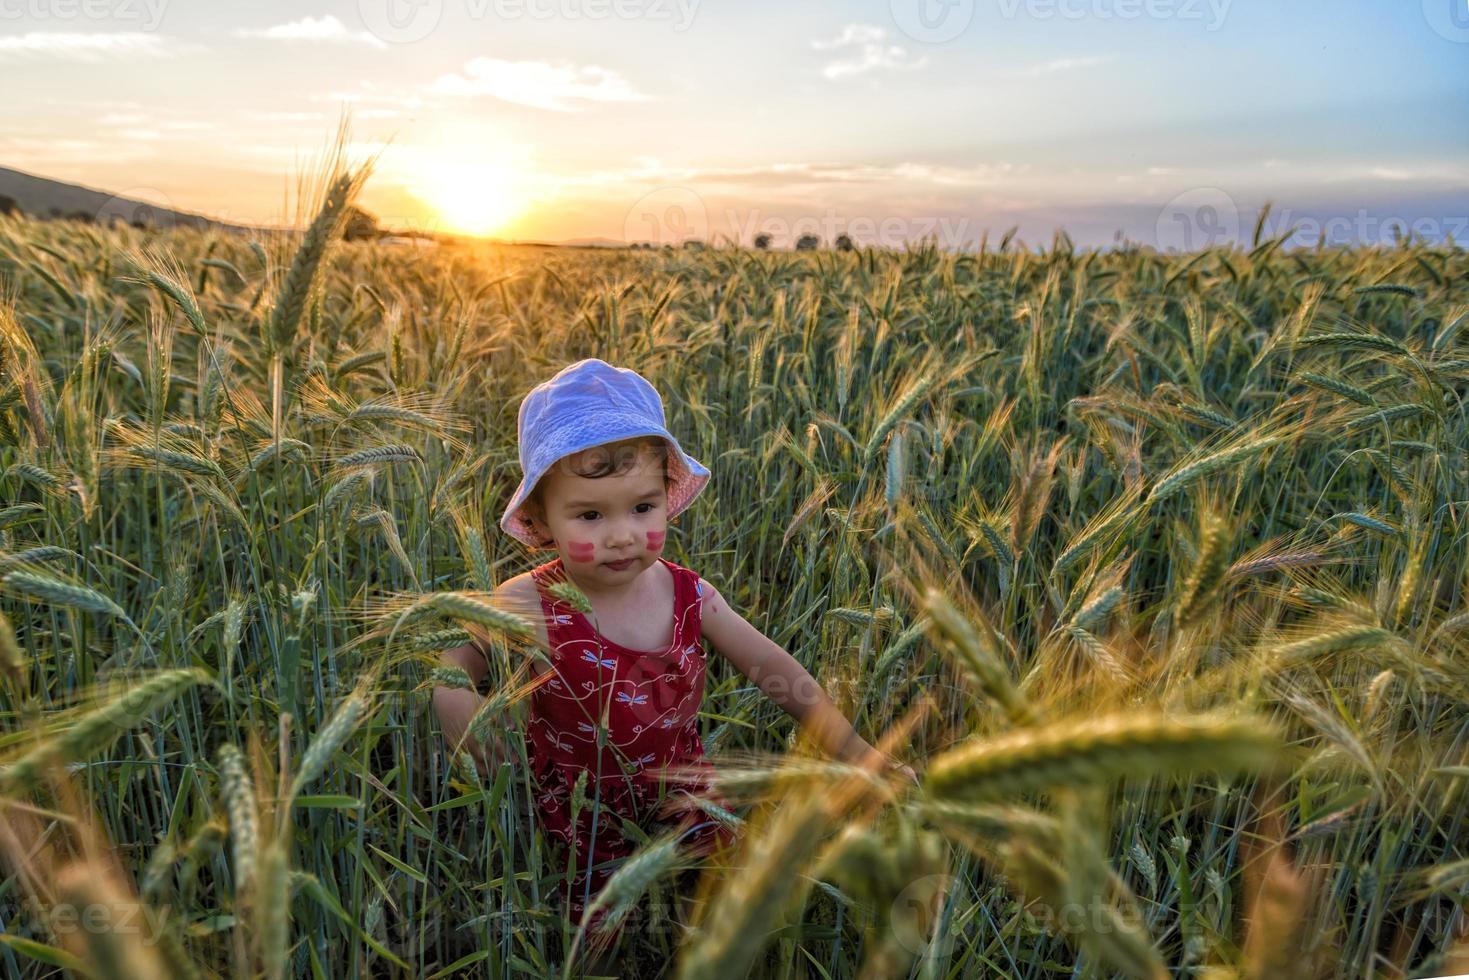 retrato de uma menina brincando em um campo de trigo foto